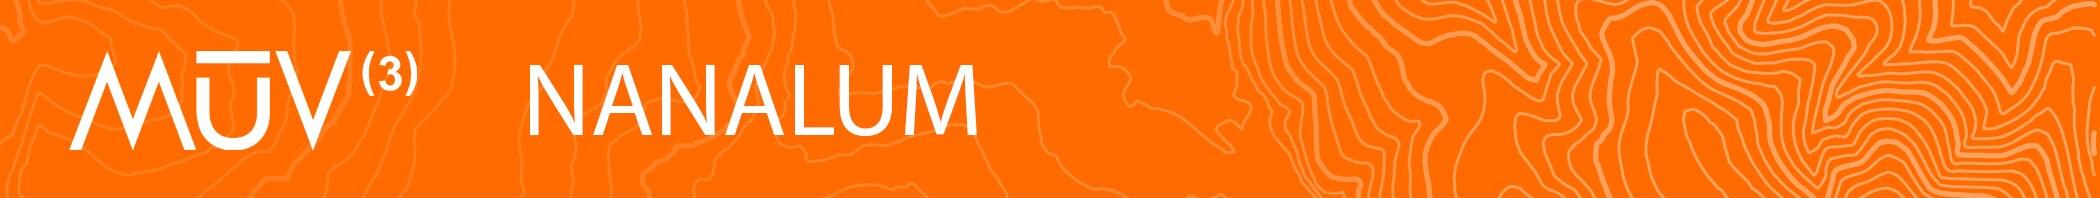 muv3-header.jpg